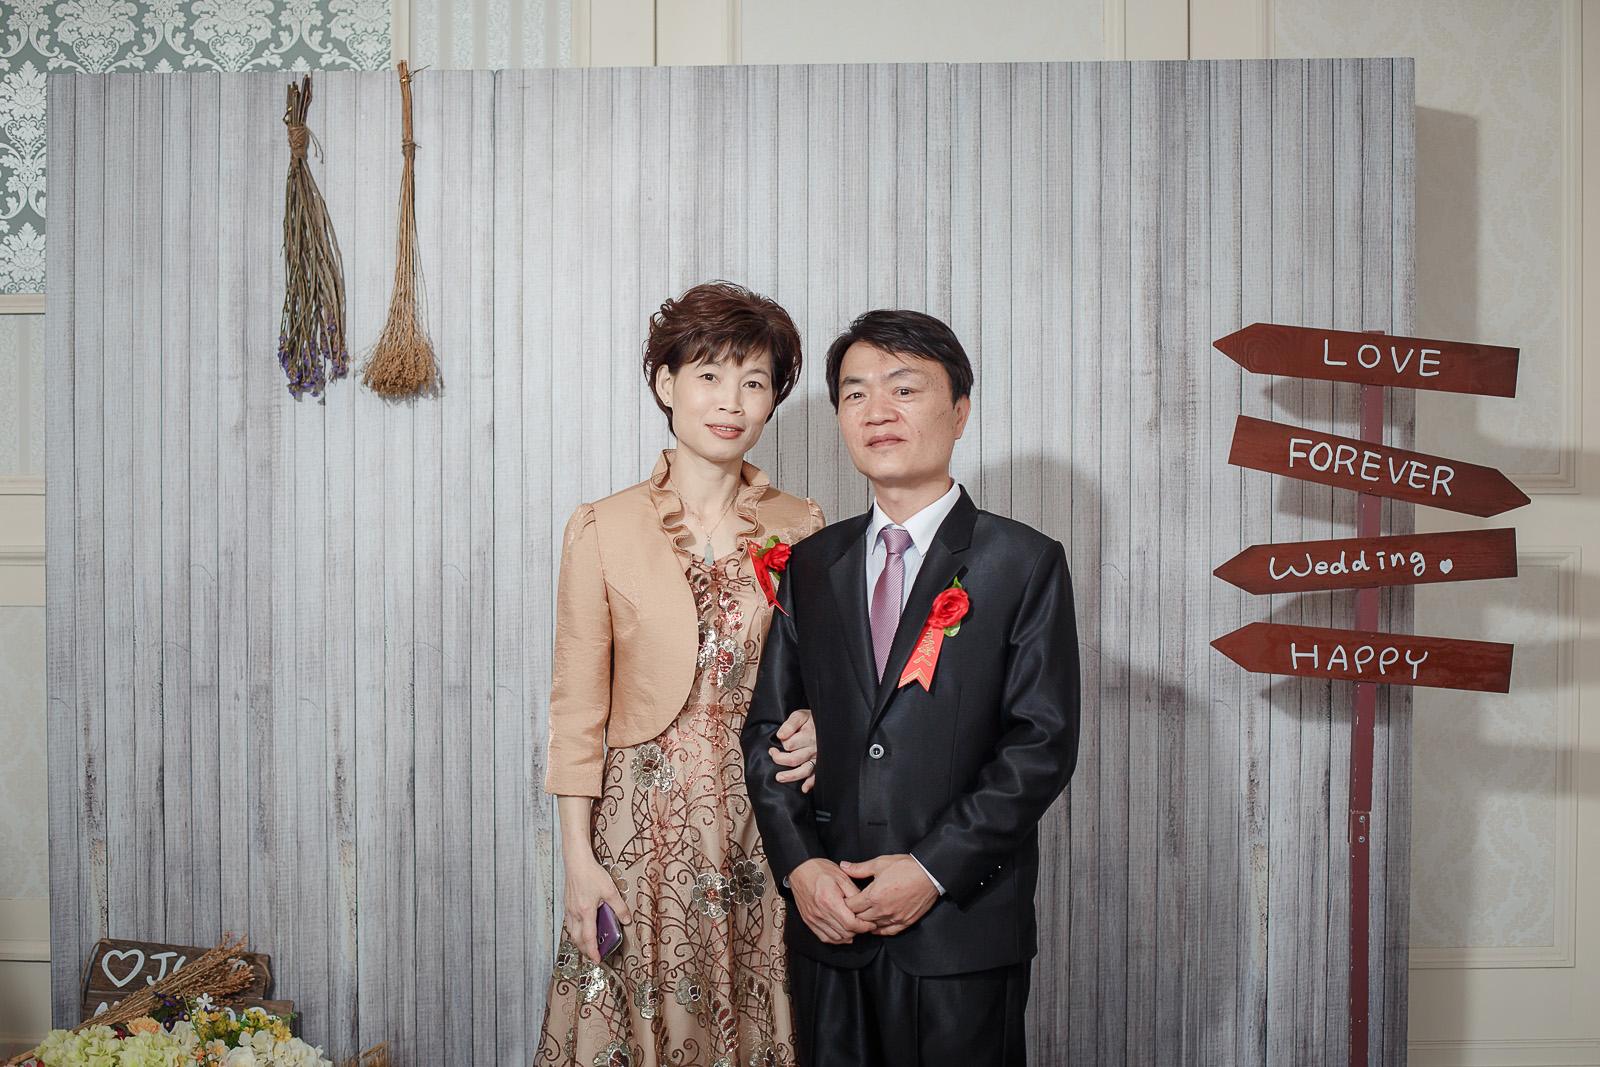 高雄圓山飯店,婚禮攝影,婚攝,高雄婚攝,優質婚攝推薦,Jen&Ethan-211